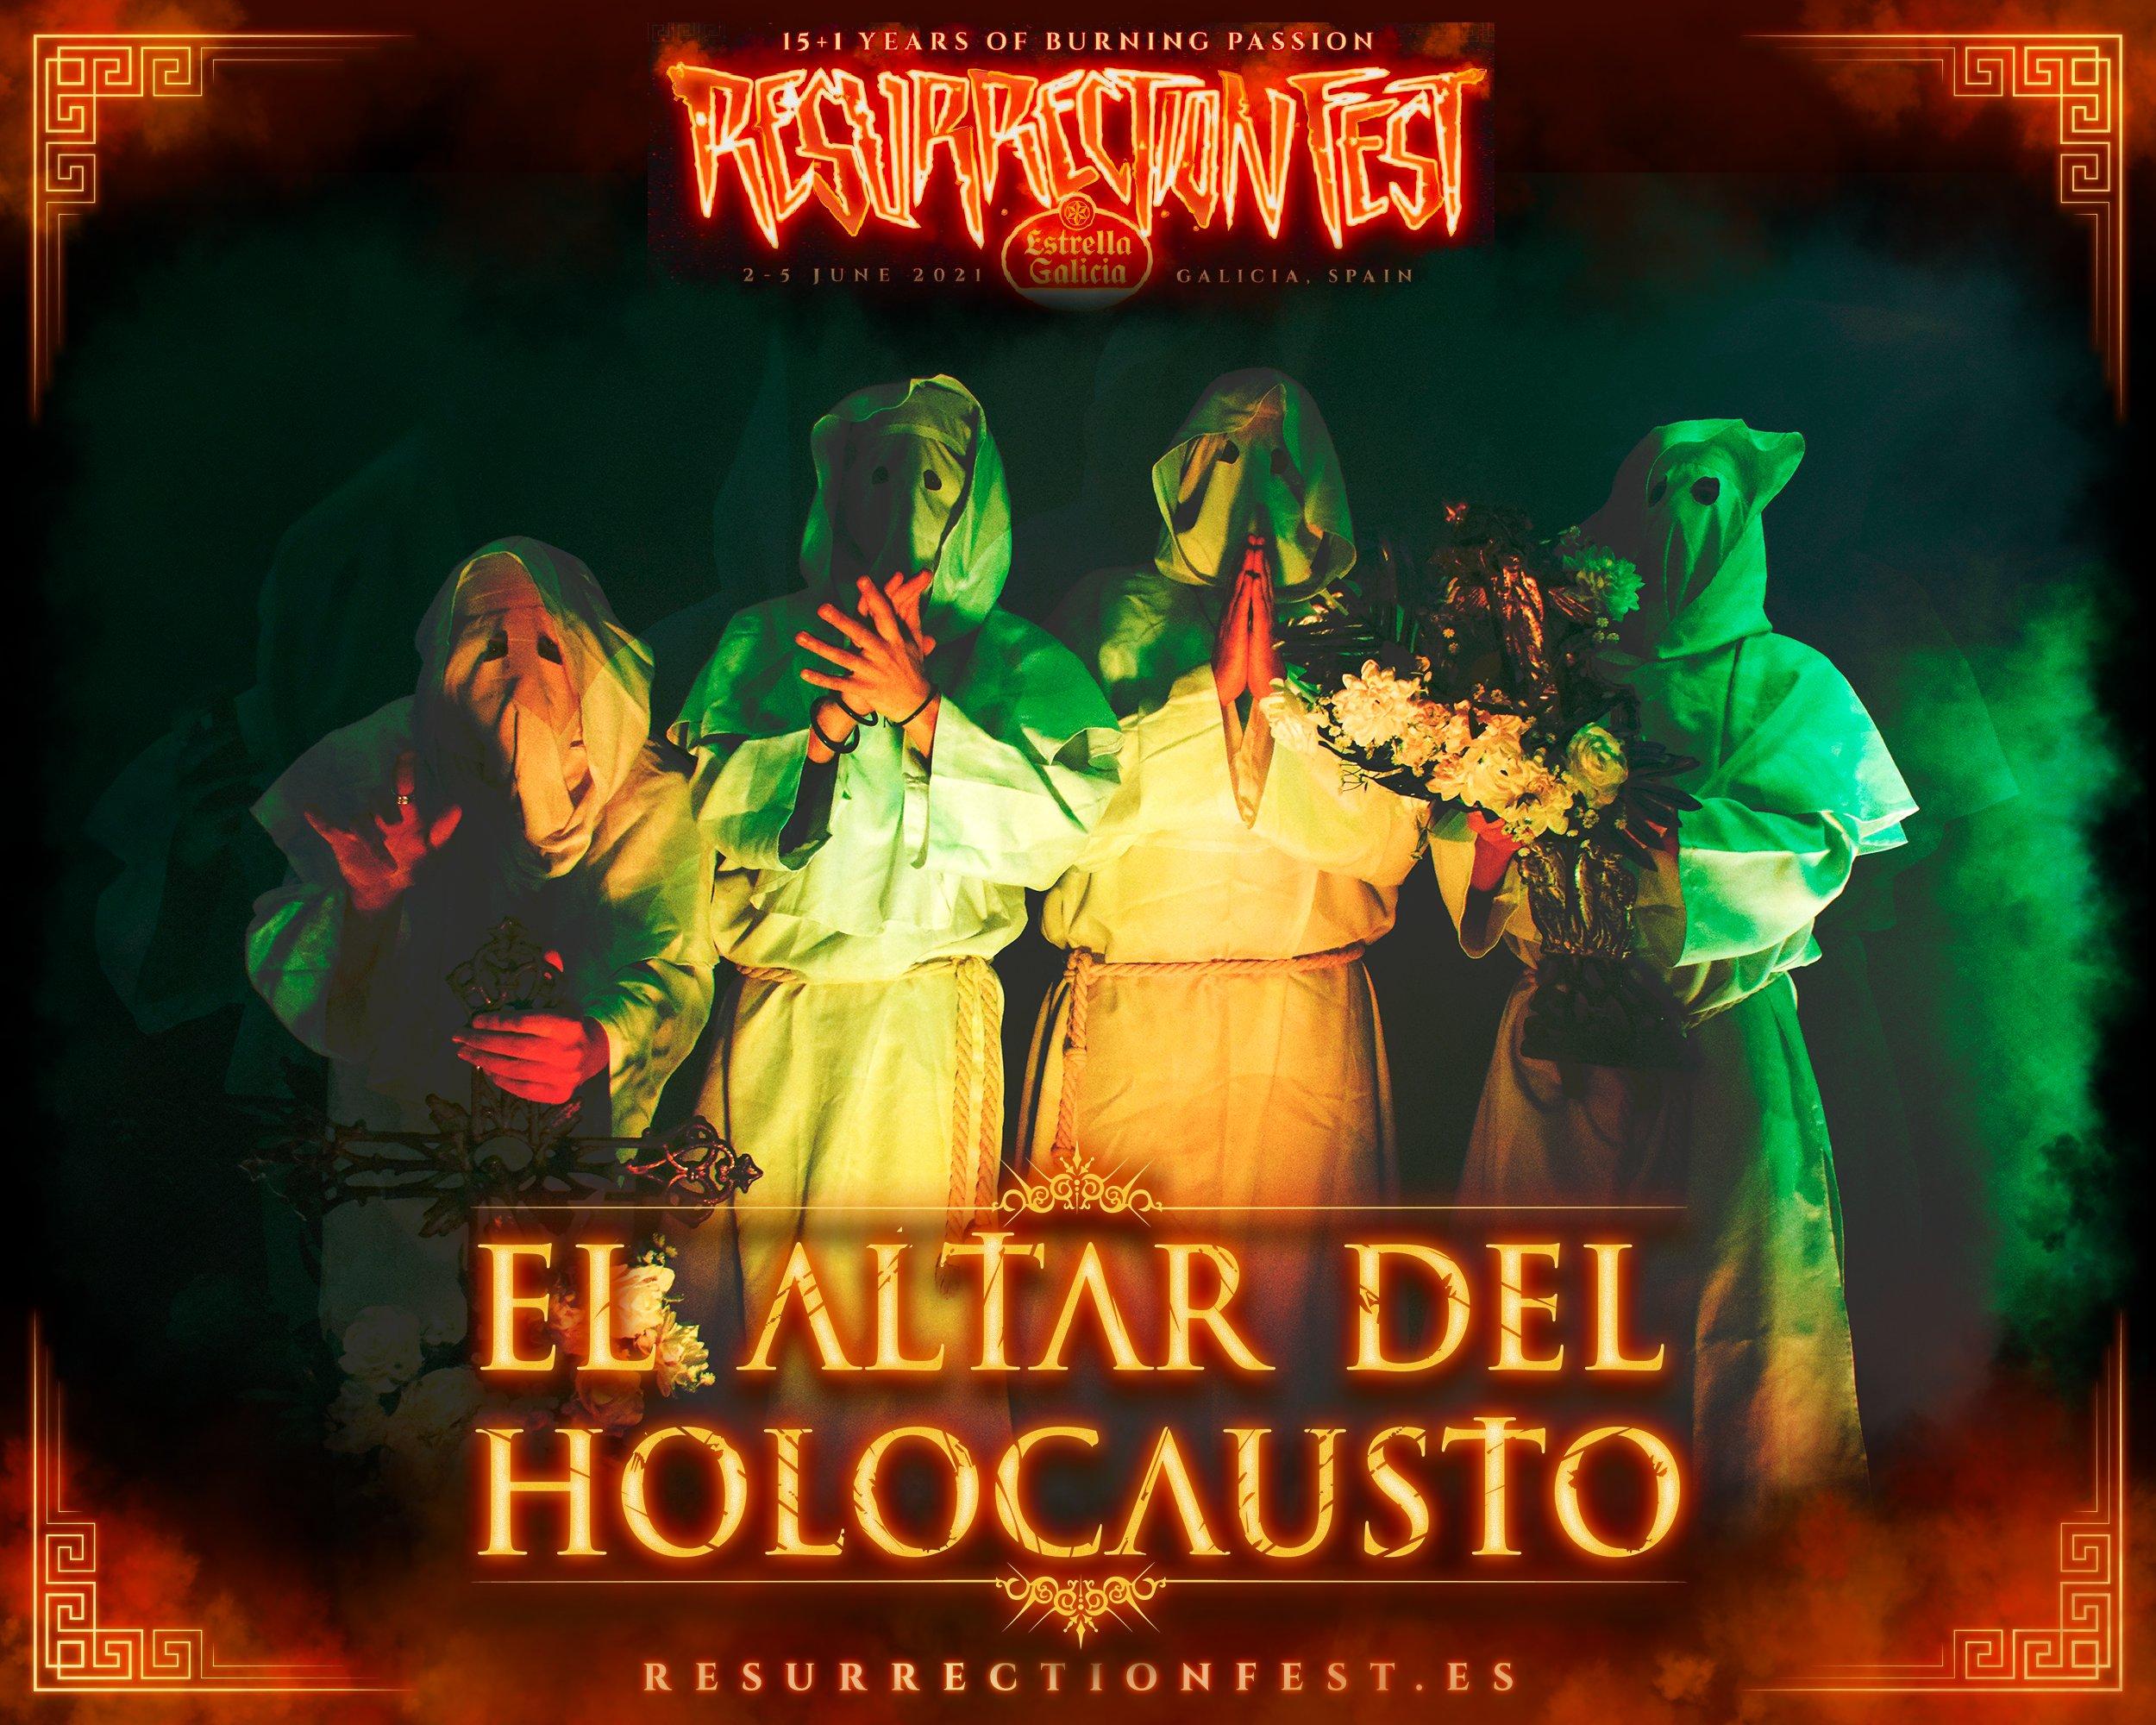 El Altar Del Holocausto: ¡¡¡✞ T R I N I DAD - Nuevo album el 19 de marzo ✞ !!!!! - Página 14 Epw8IGiW4AAFv51?format=jpg&name=4096x4096